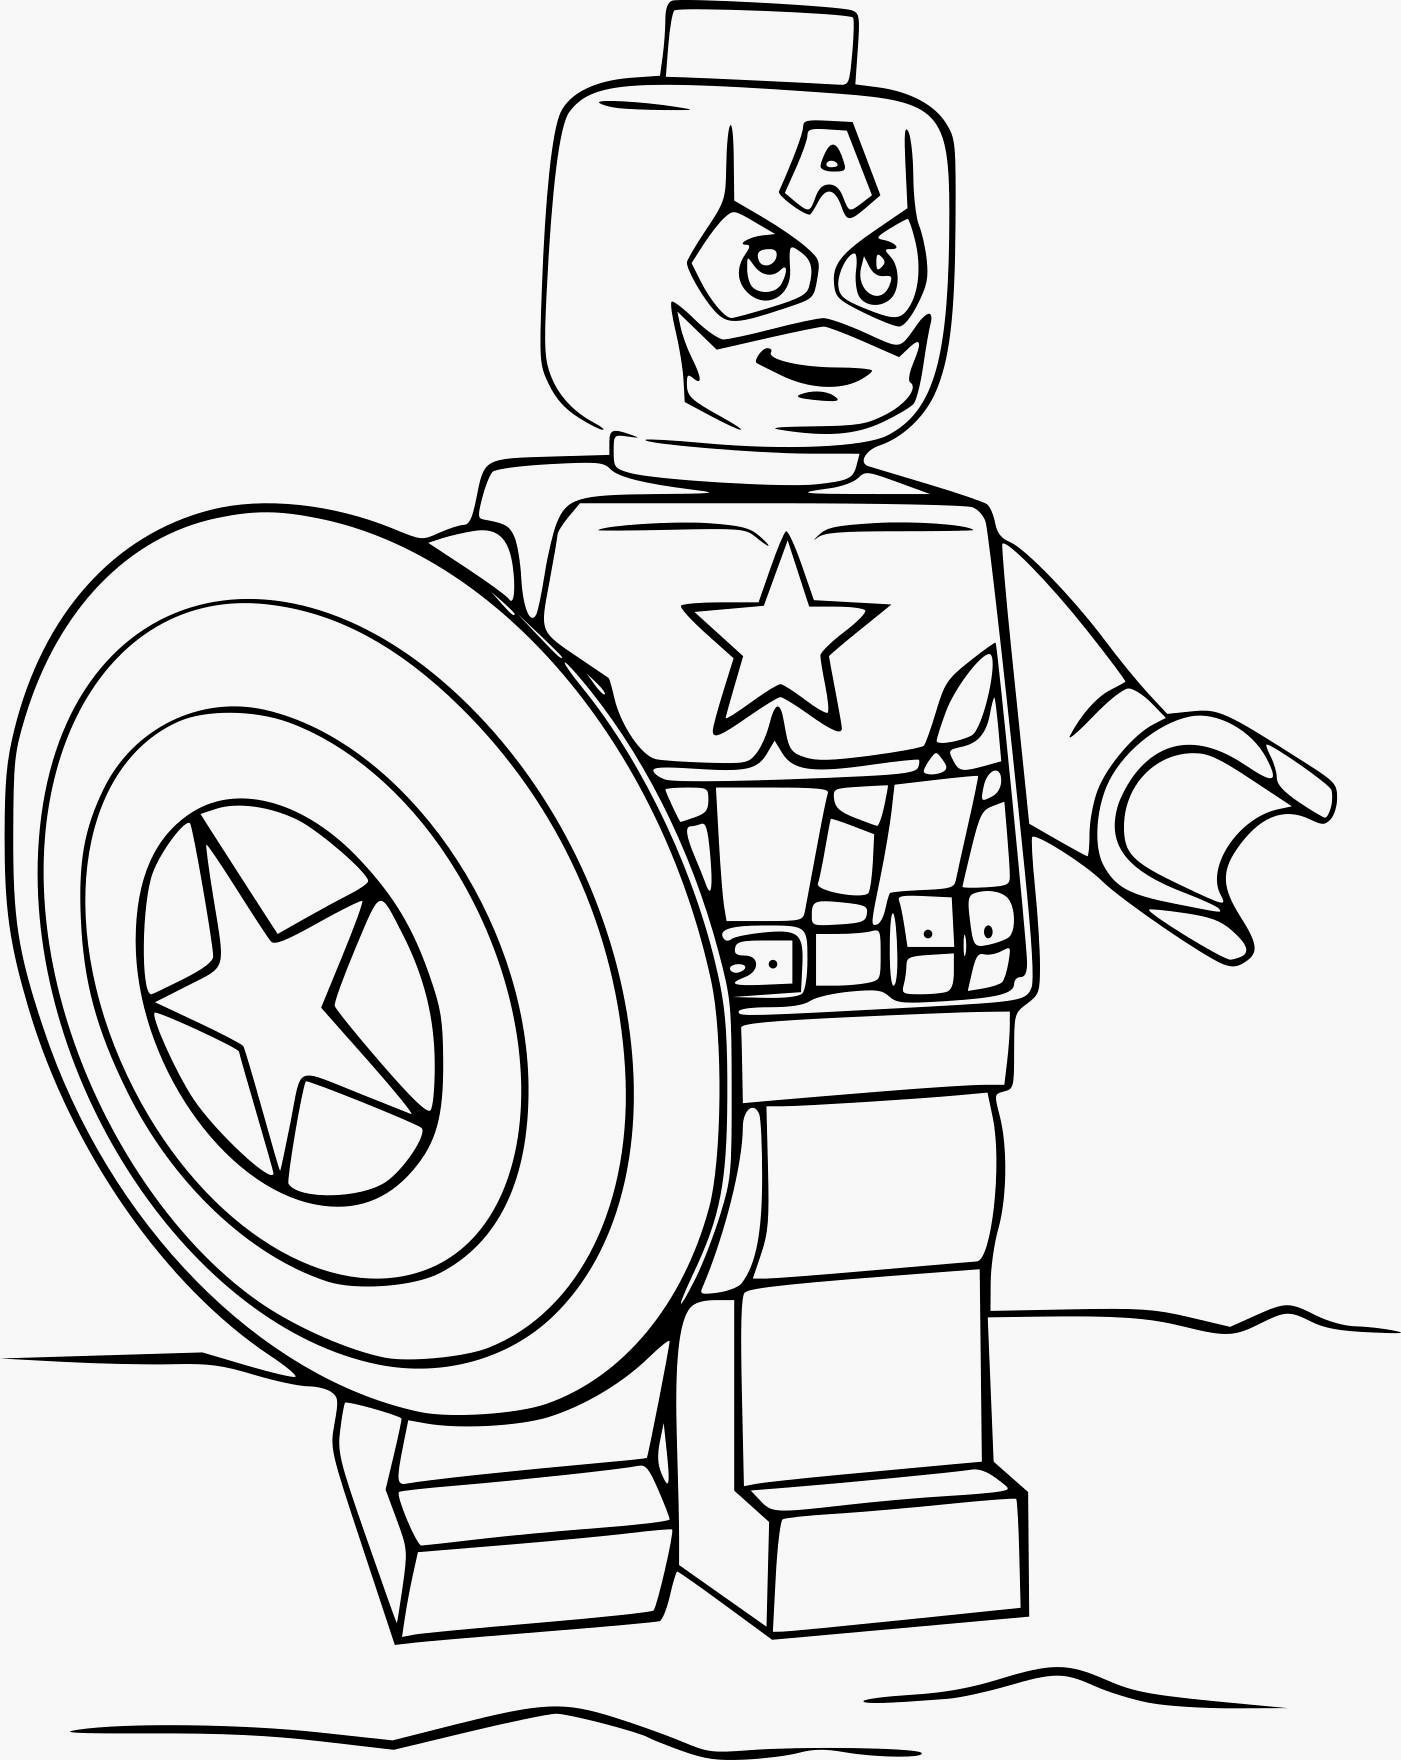 Coloriages à imprimer : Lego, numéro : 806407d7